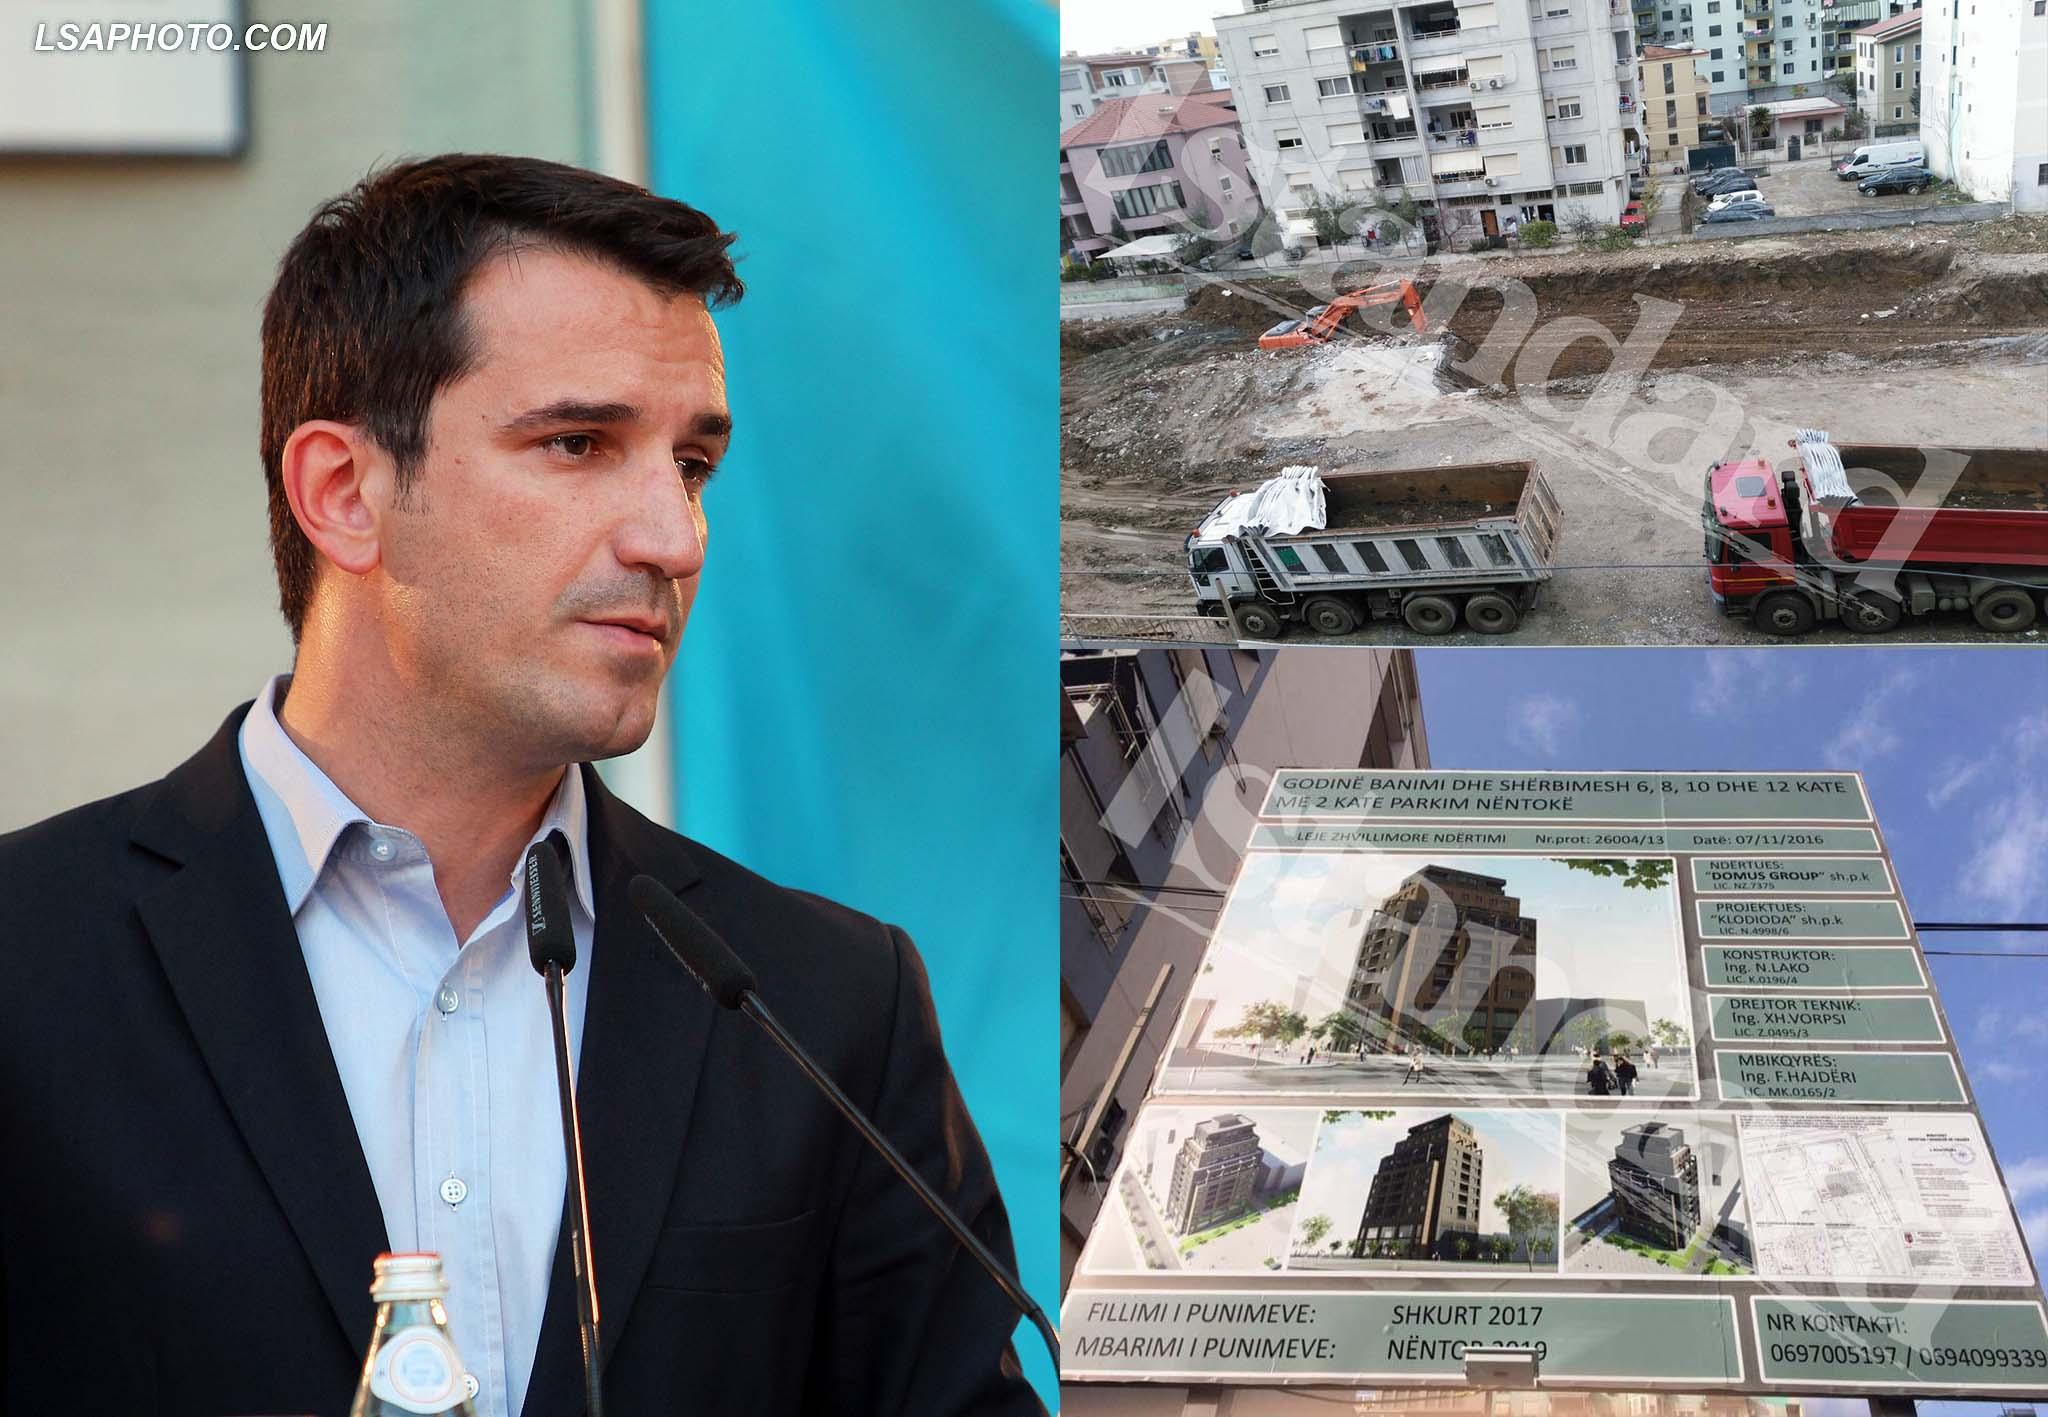 Premtimi i fushatës   Erion Veliaj  premtoi në fushatë  S jap leje ndërtimi  Po sot ç po ndodh